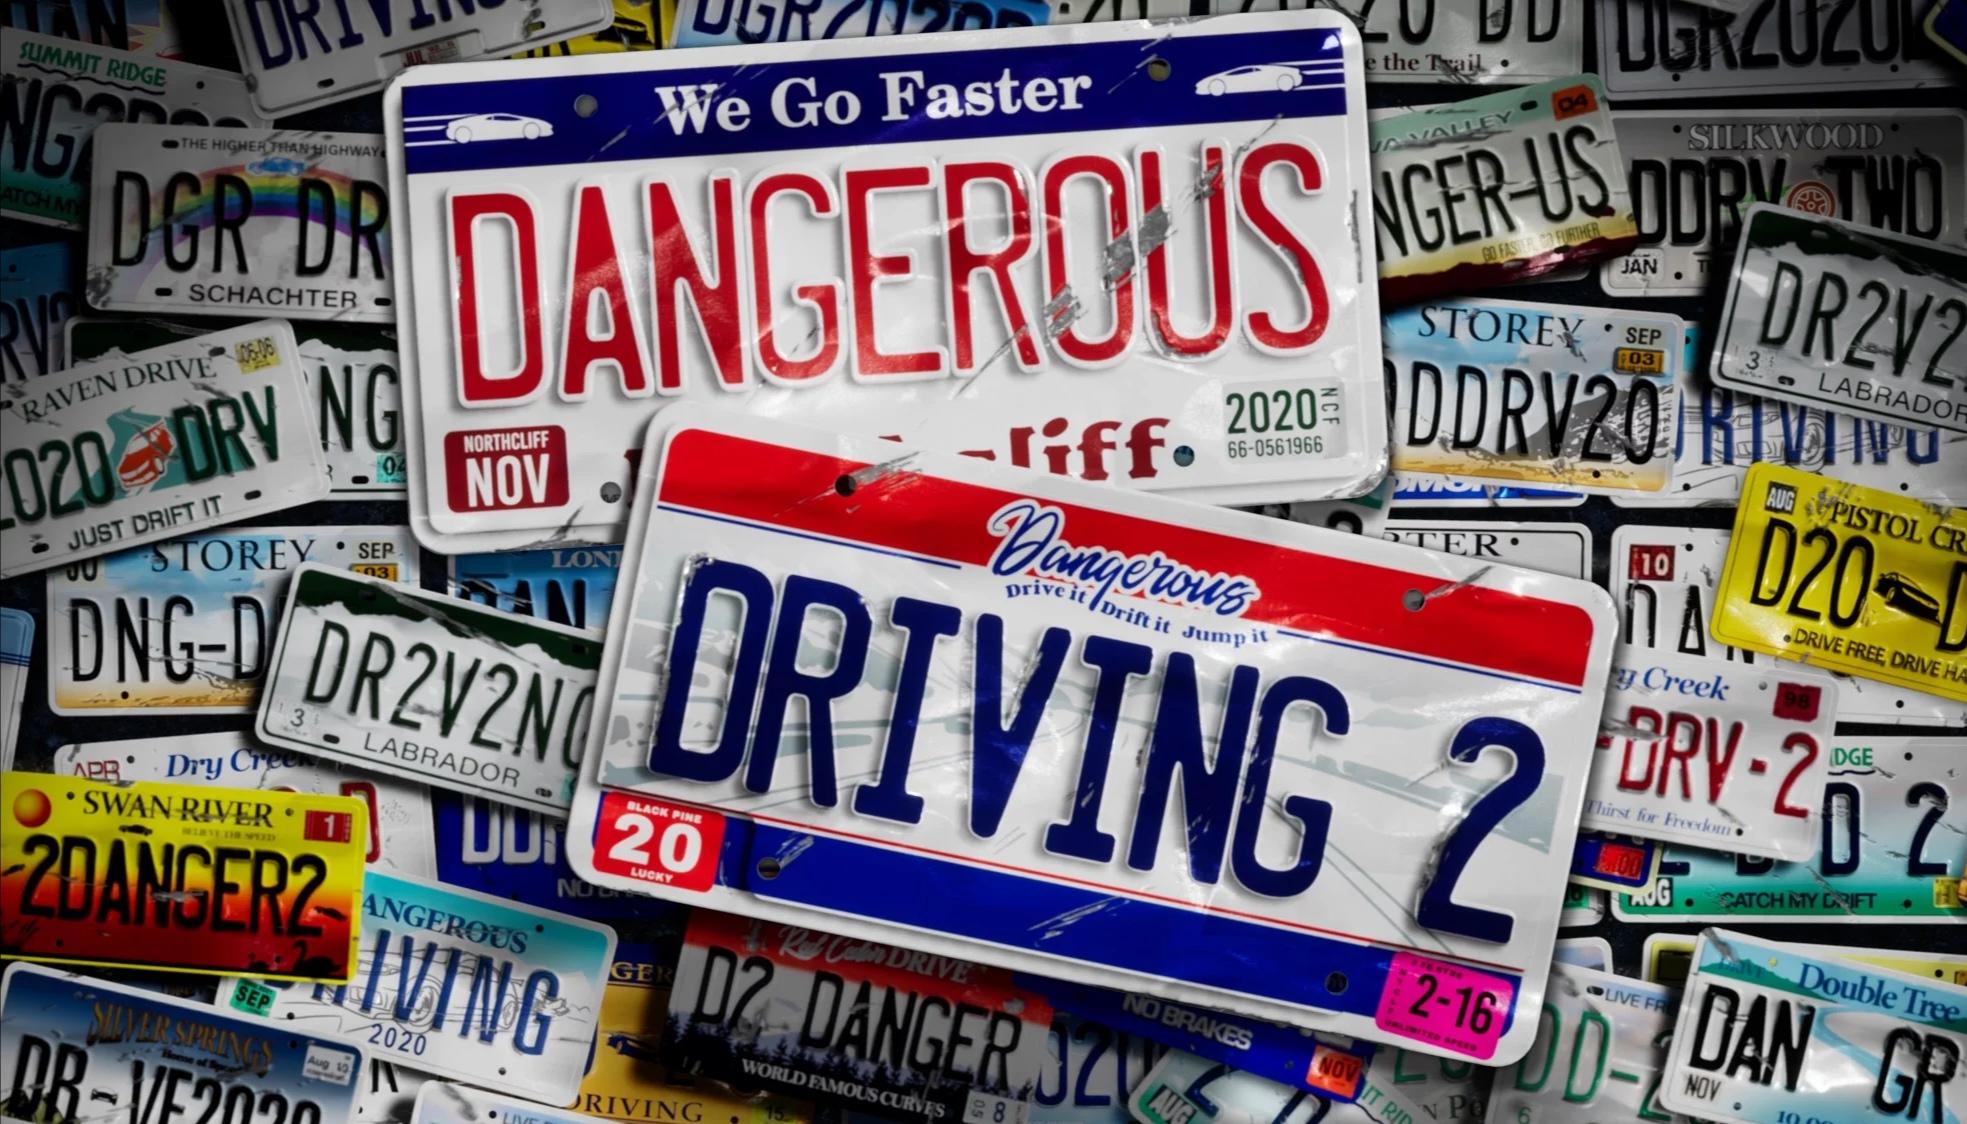 Oznámen závodní titul Dangerous Driving 2